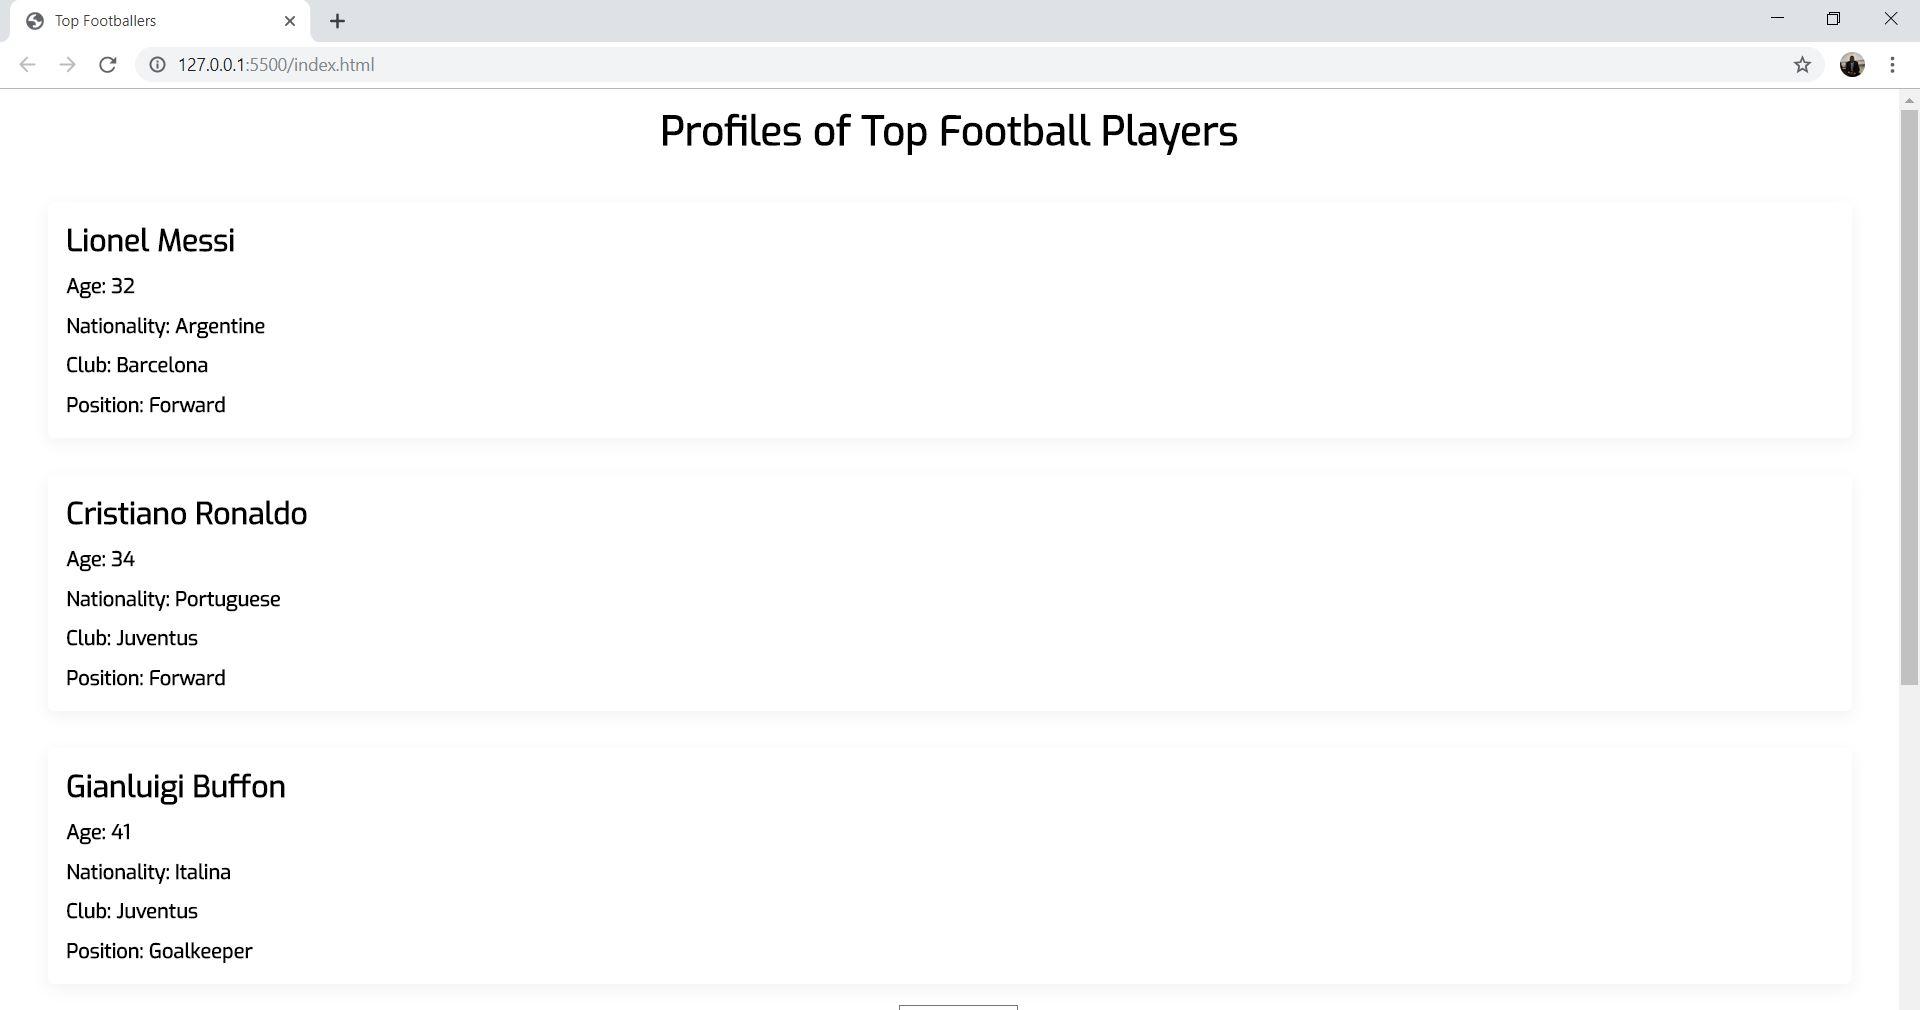 all profiles